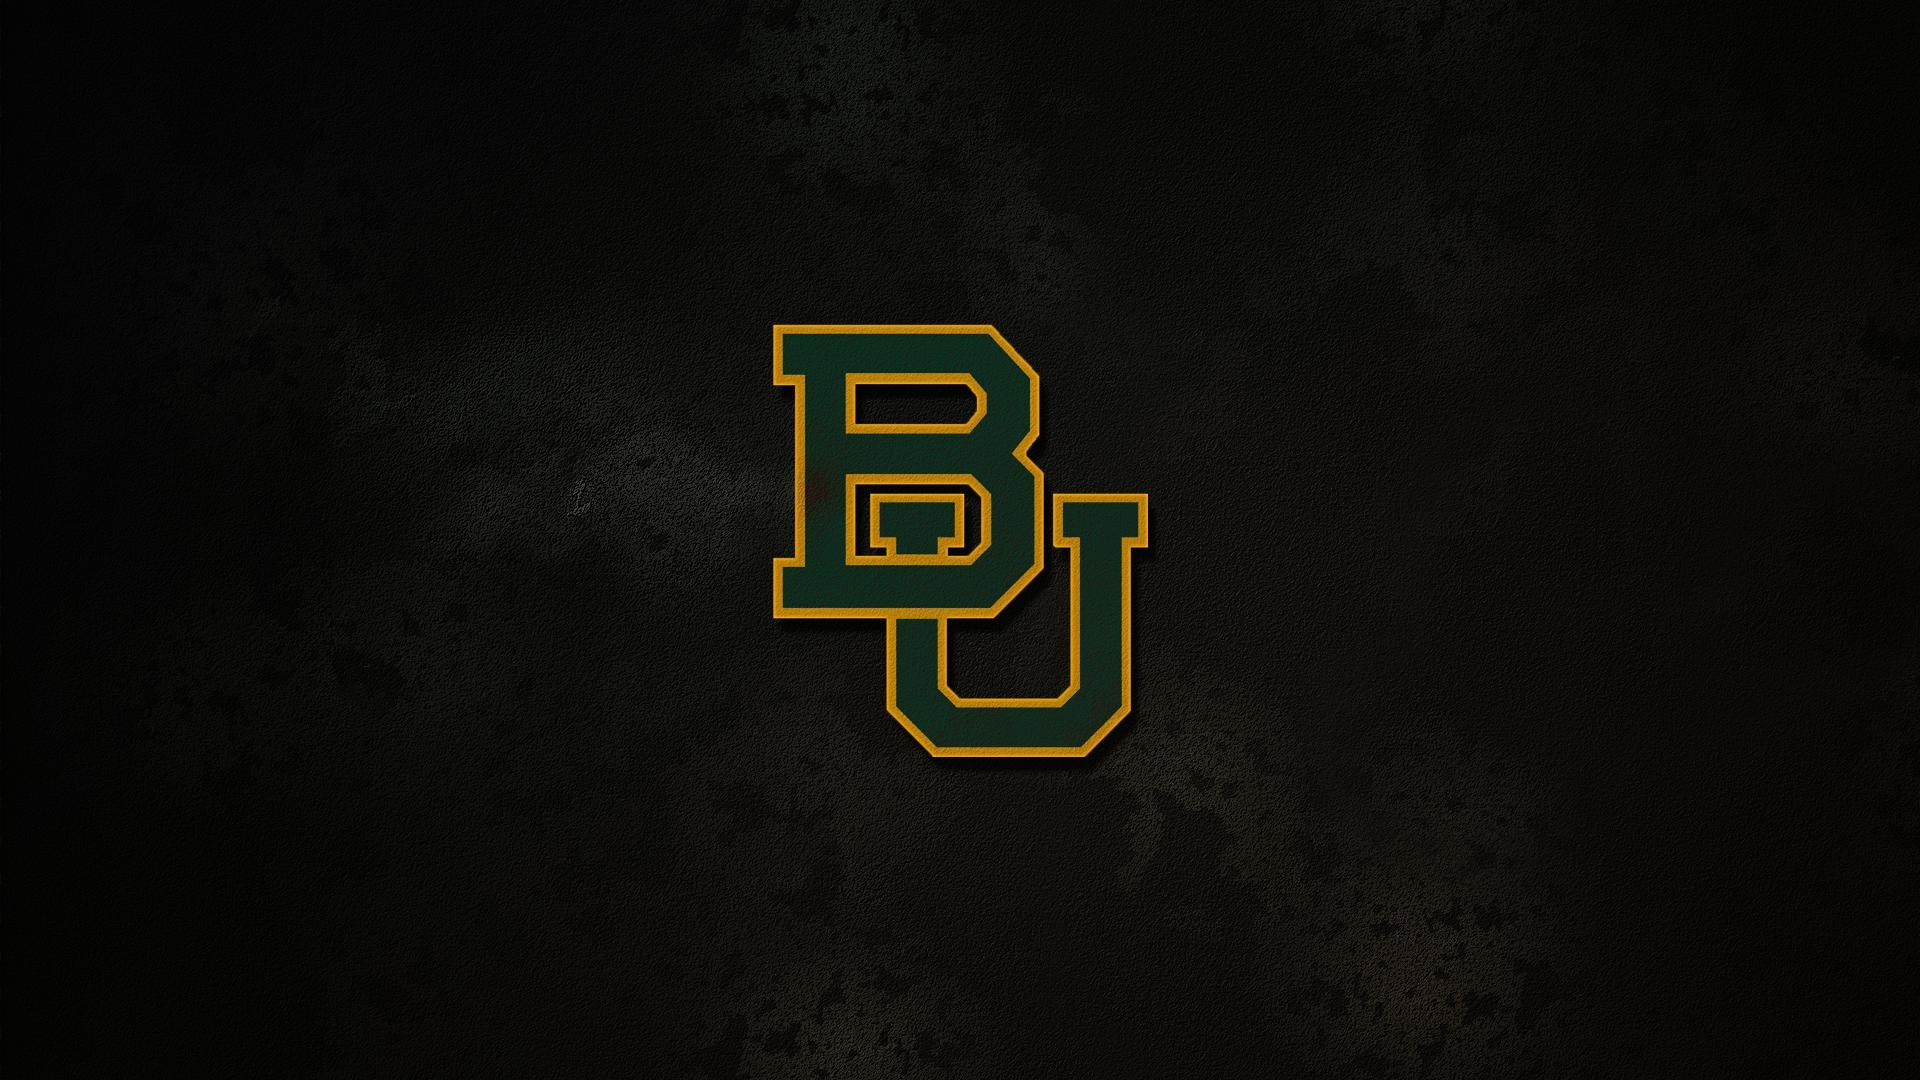 Baylor University 1920x1080